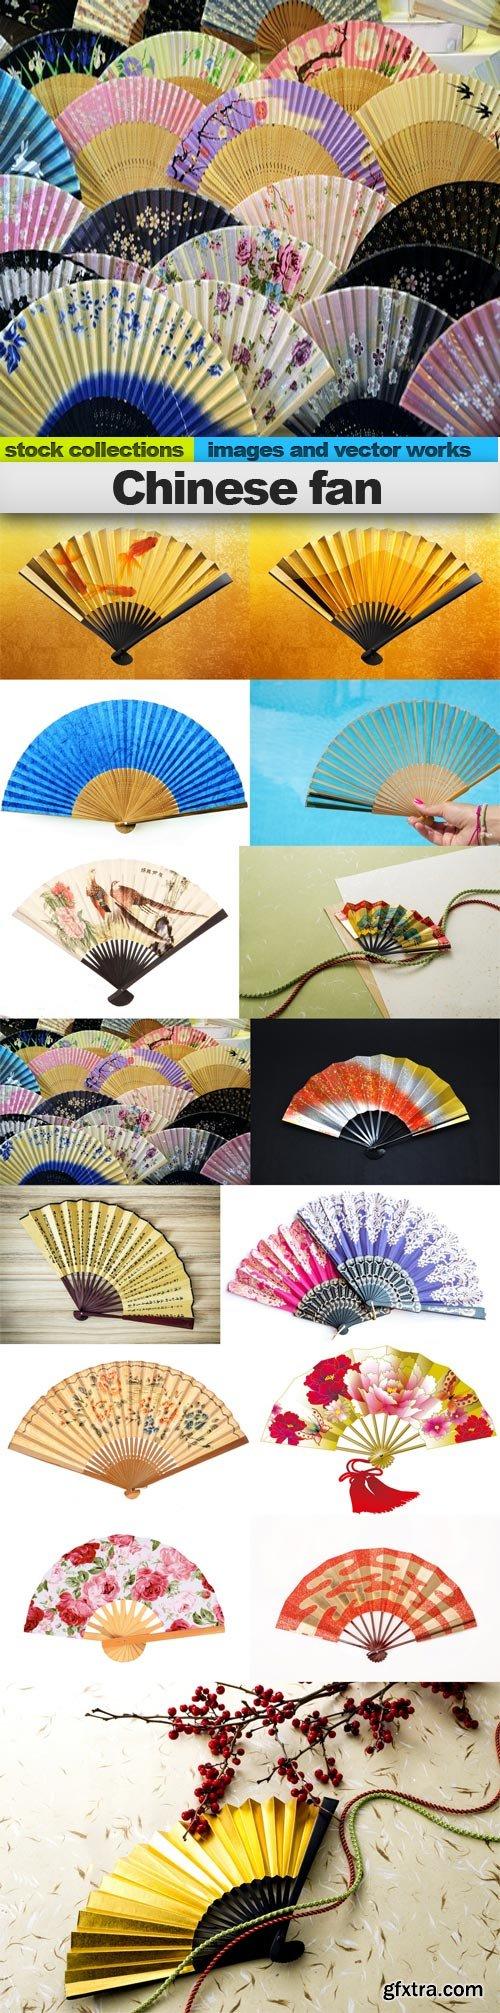 Chinese fan, 15 x UHQ JPEG